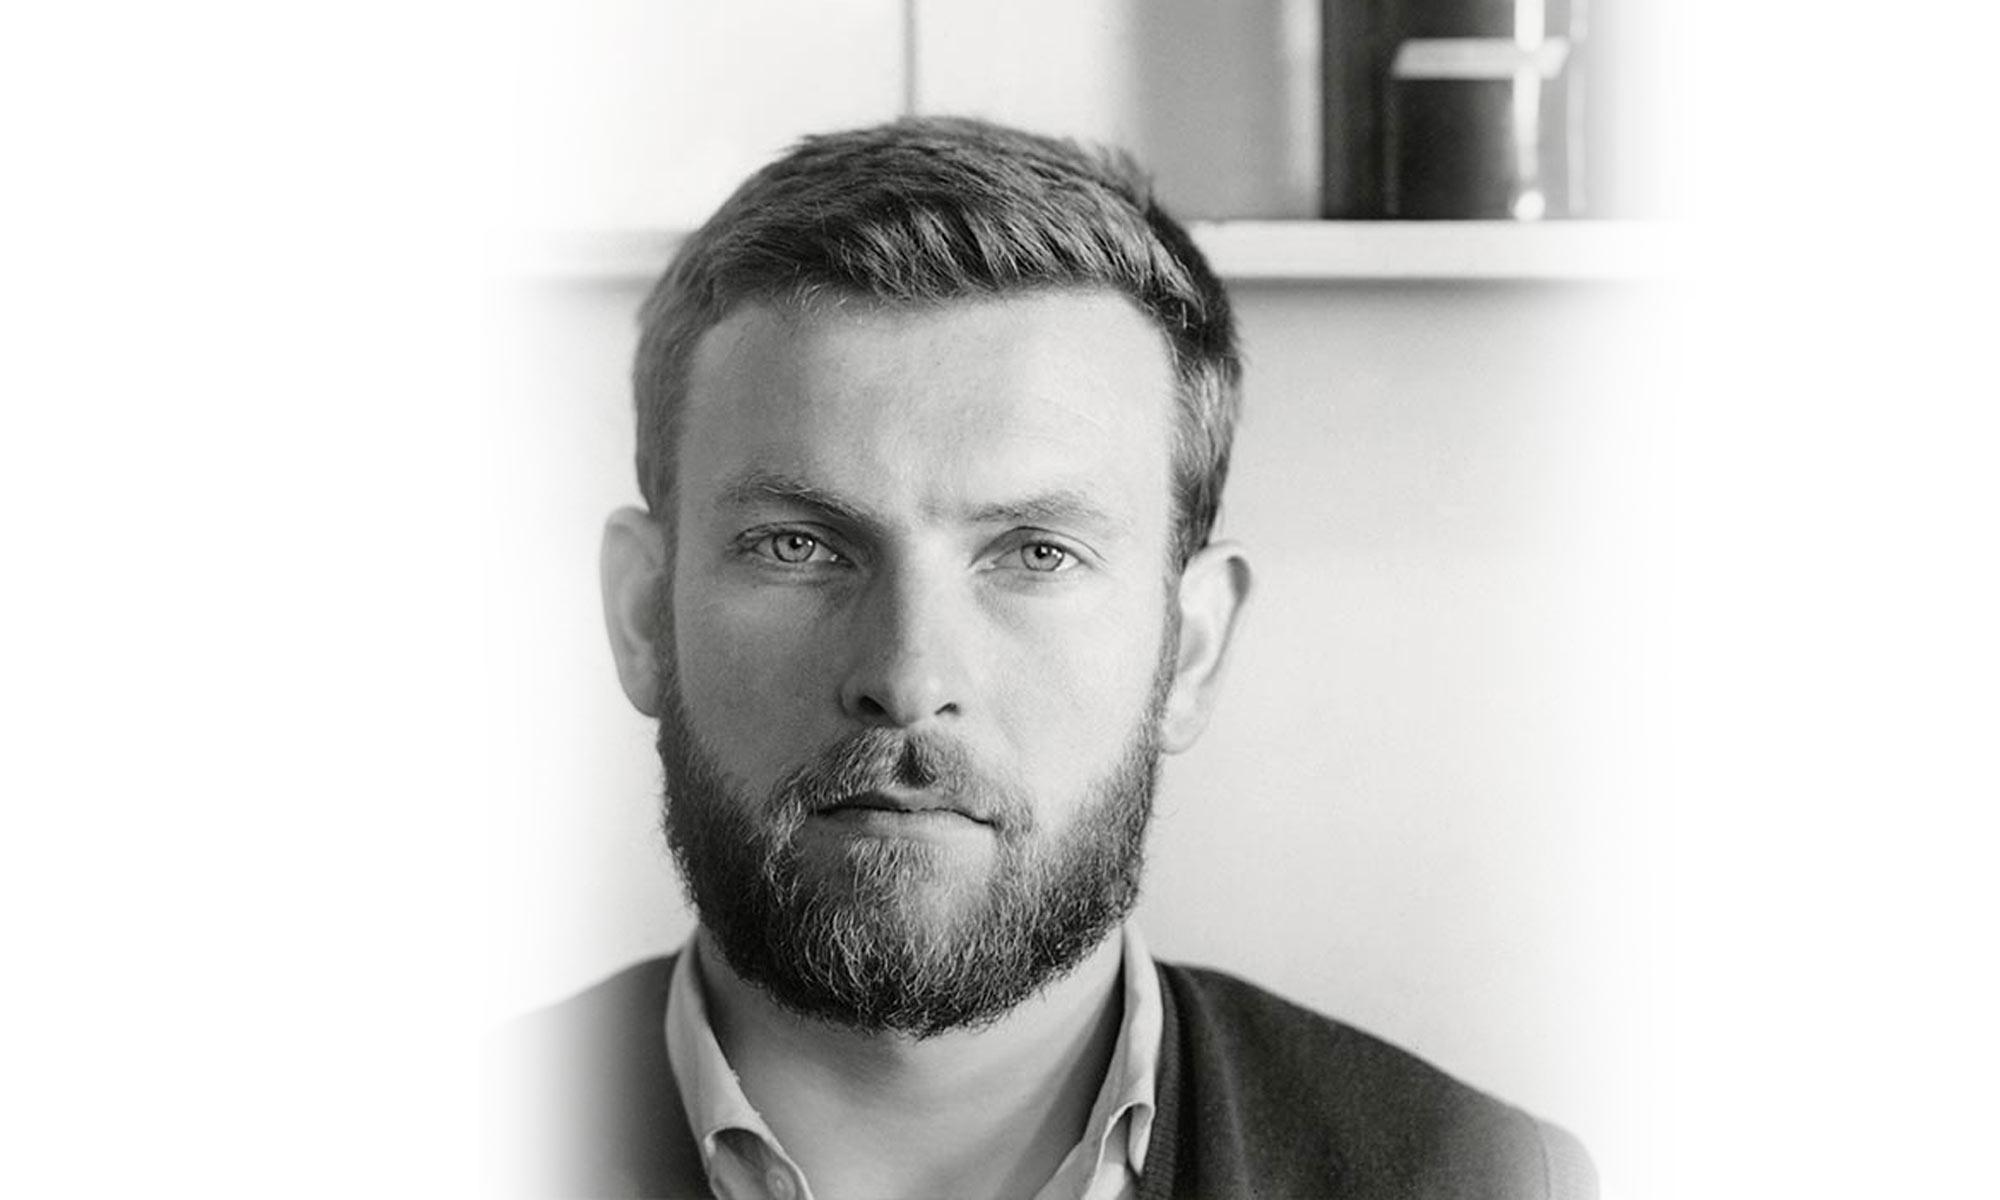 Lutz Rudolph